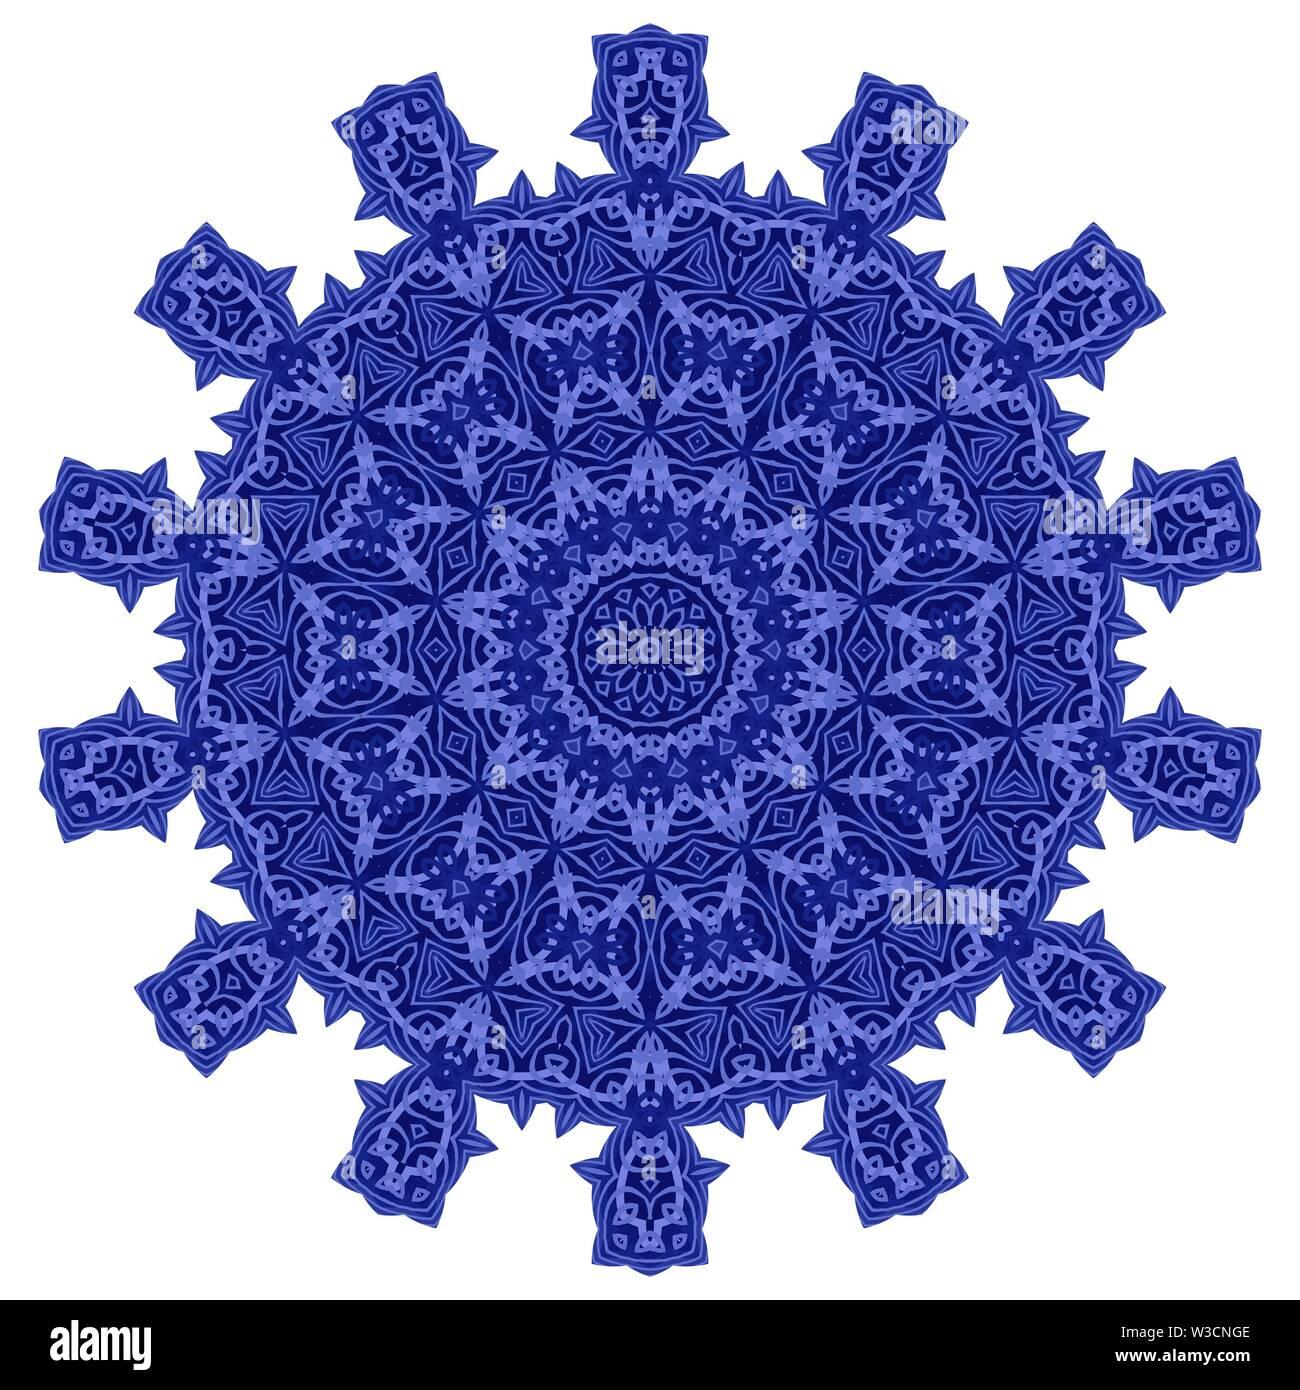 Blue Ornamental Linienmuster runde Textur. Orientalische geometrische Verzierung. Stockbild